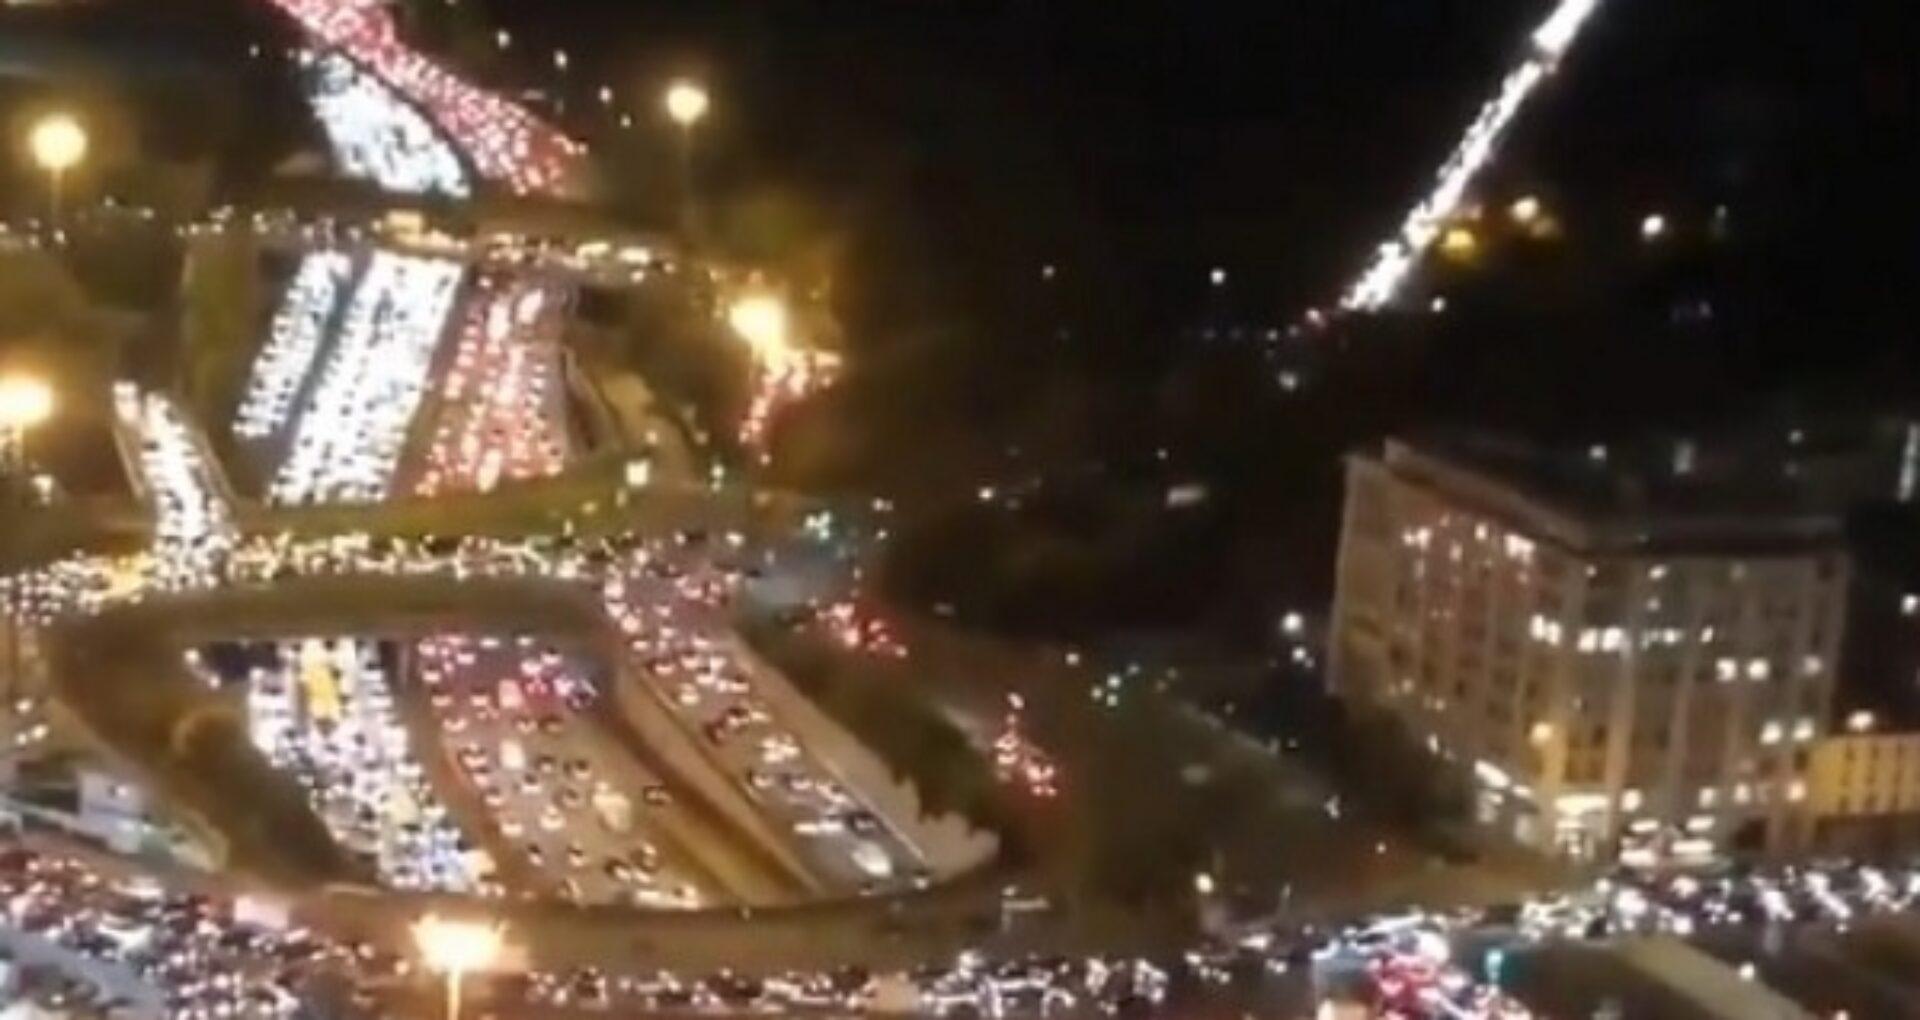 VIDEO/ Oamenii fug din Paris, de teama carantinei. La ieșirea din oraș s-au format cozi uriașe de mașini, gările și autogările sunt sufocate